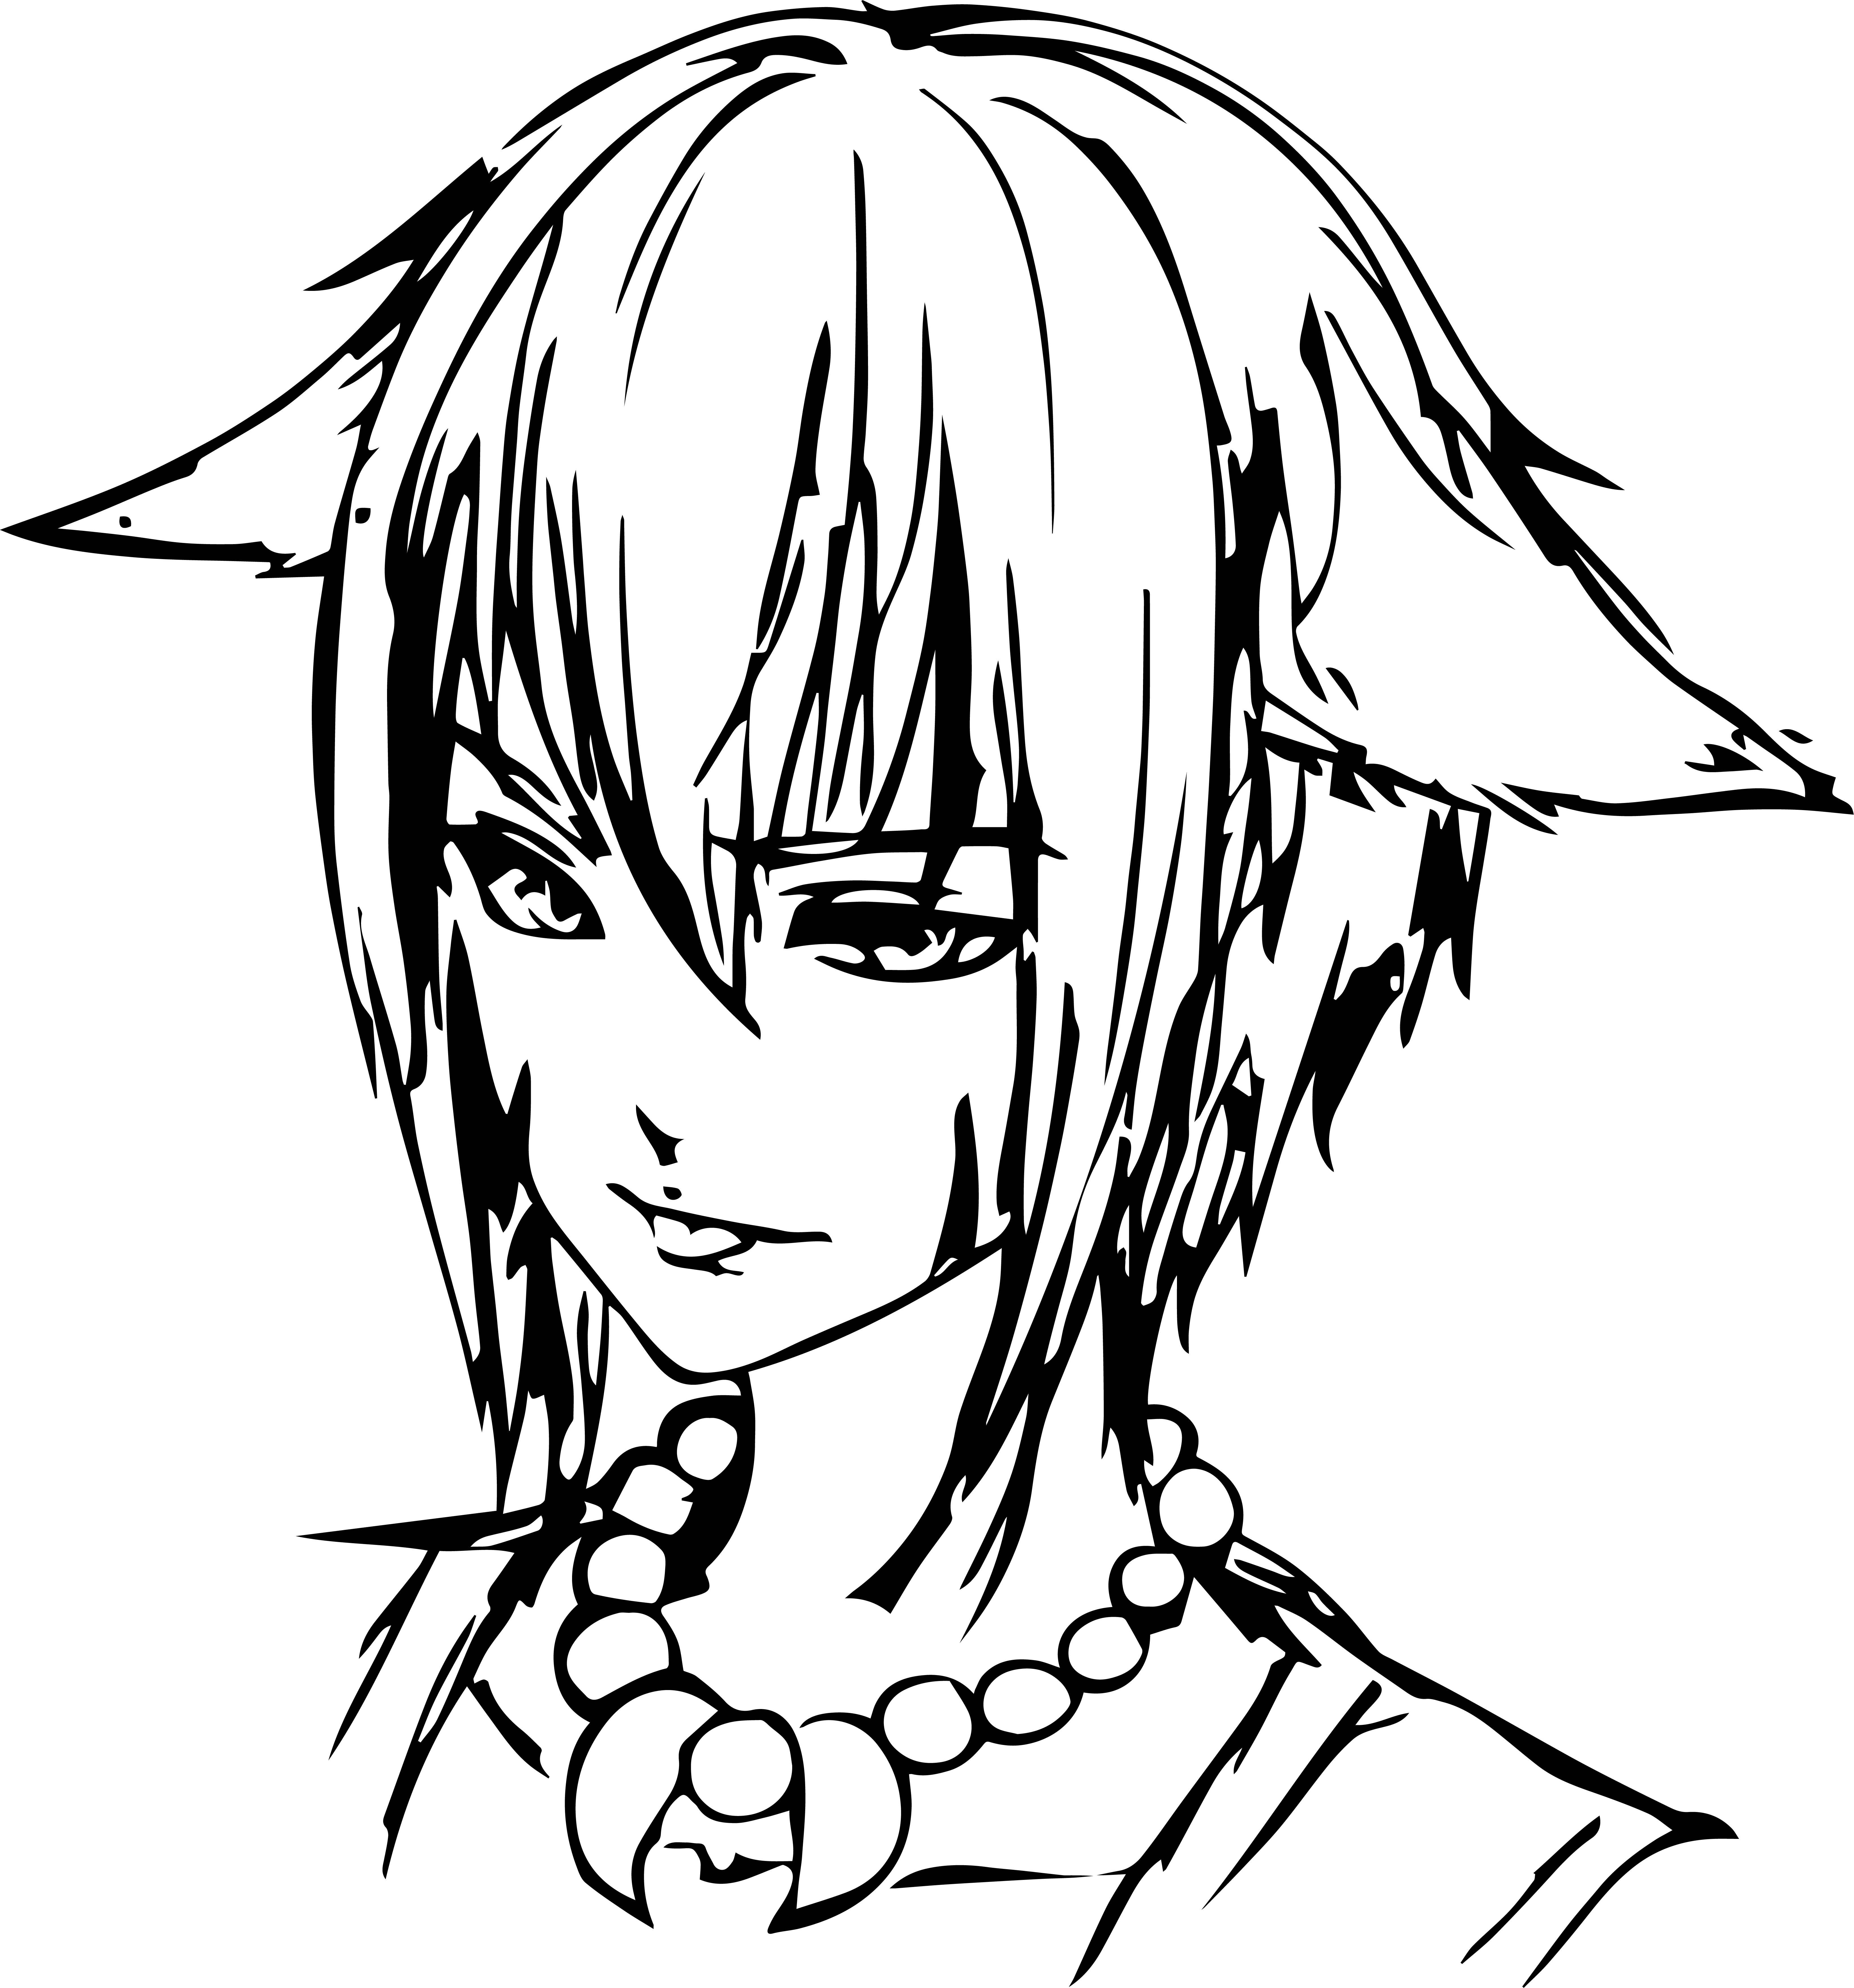 manga vampire boy face character coloring page